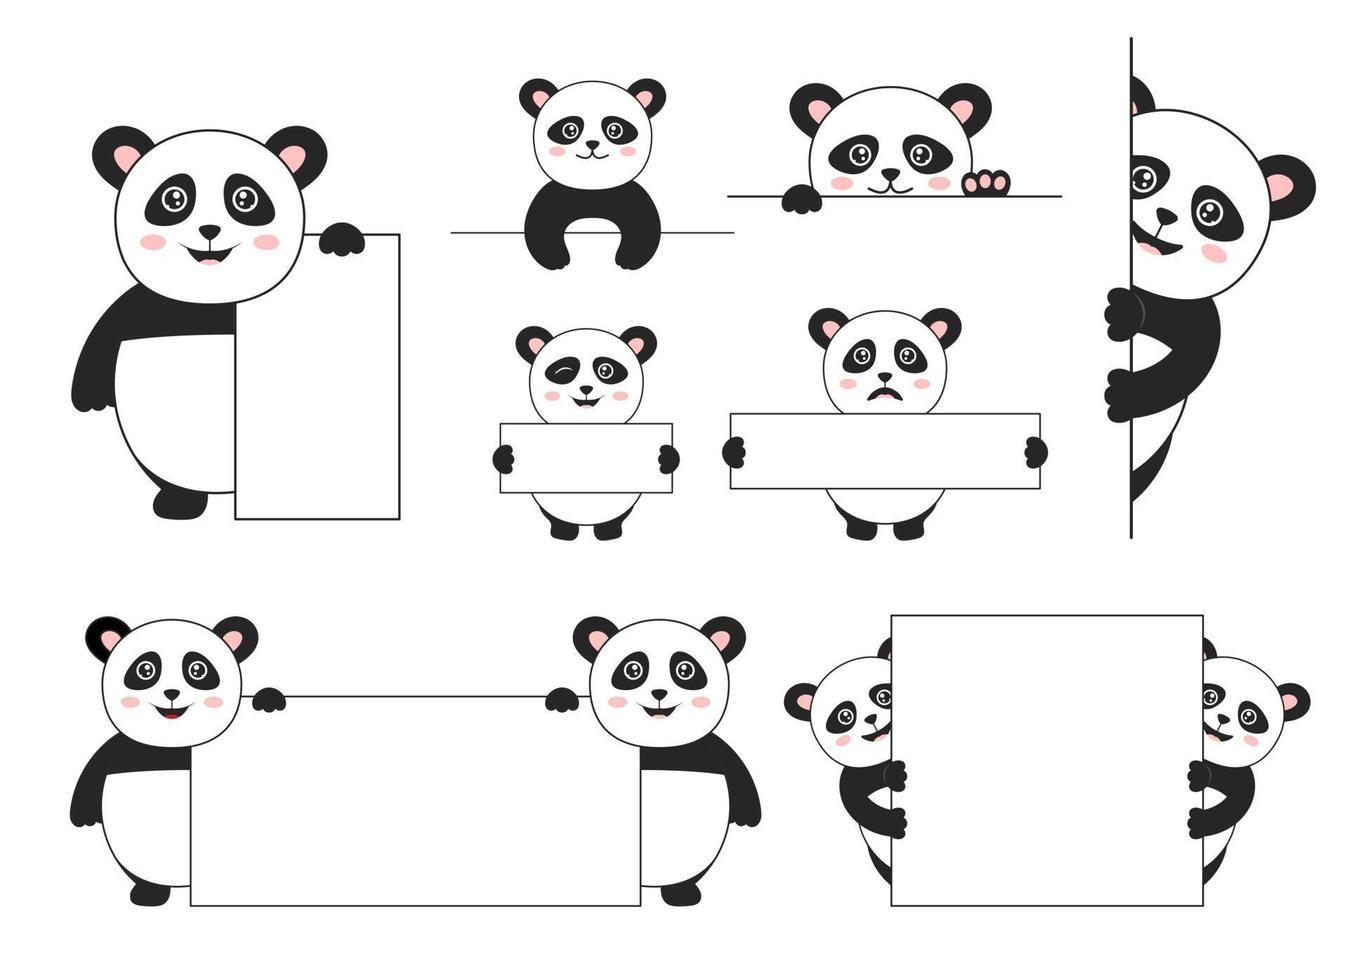 Panda bear vector ontwerp illustratie geïsoleerd op een witte achtergrond